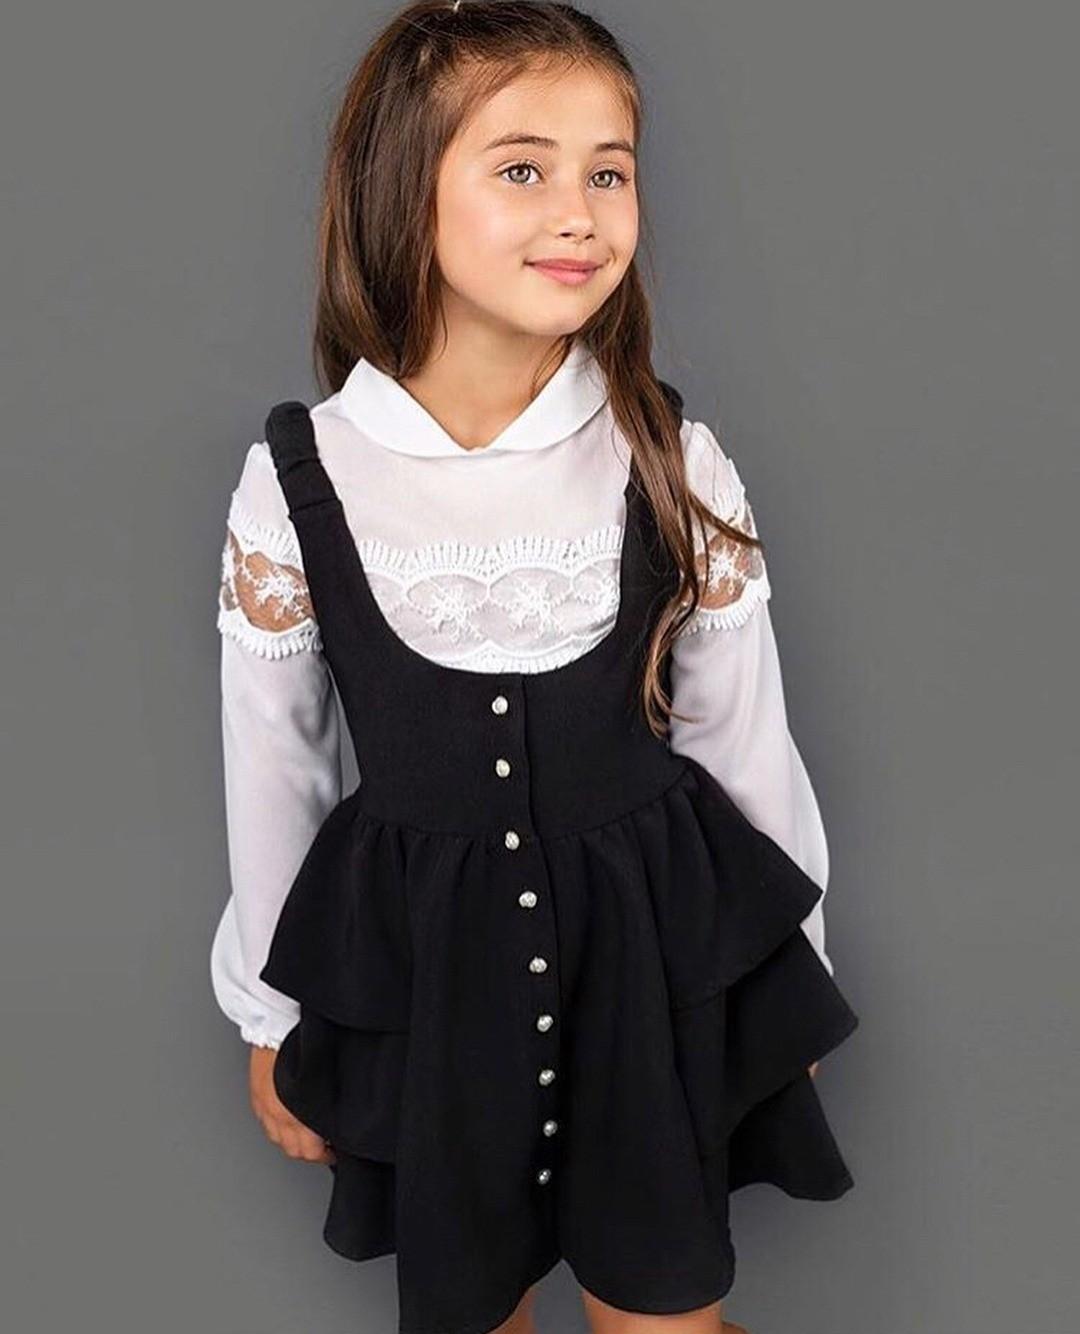 Сложно представить себе гардероб школьницы безтакой важной вещи, как сарафан. Специально длямаленьких модниц дизайнеры детской одежды придумали сарафаны интересных фасонов. Идеальным ва...